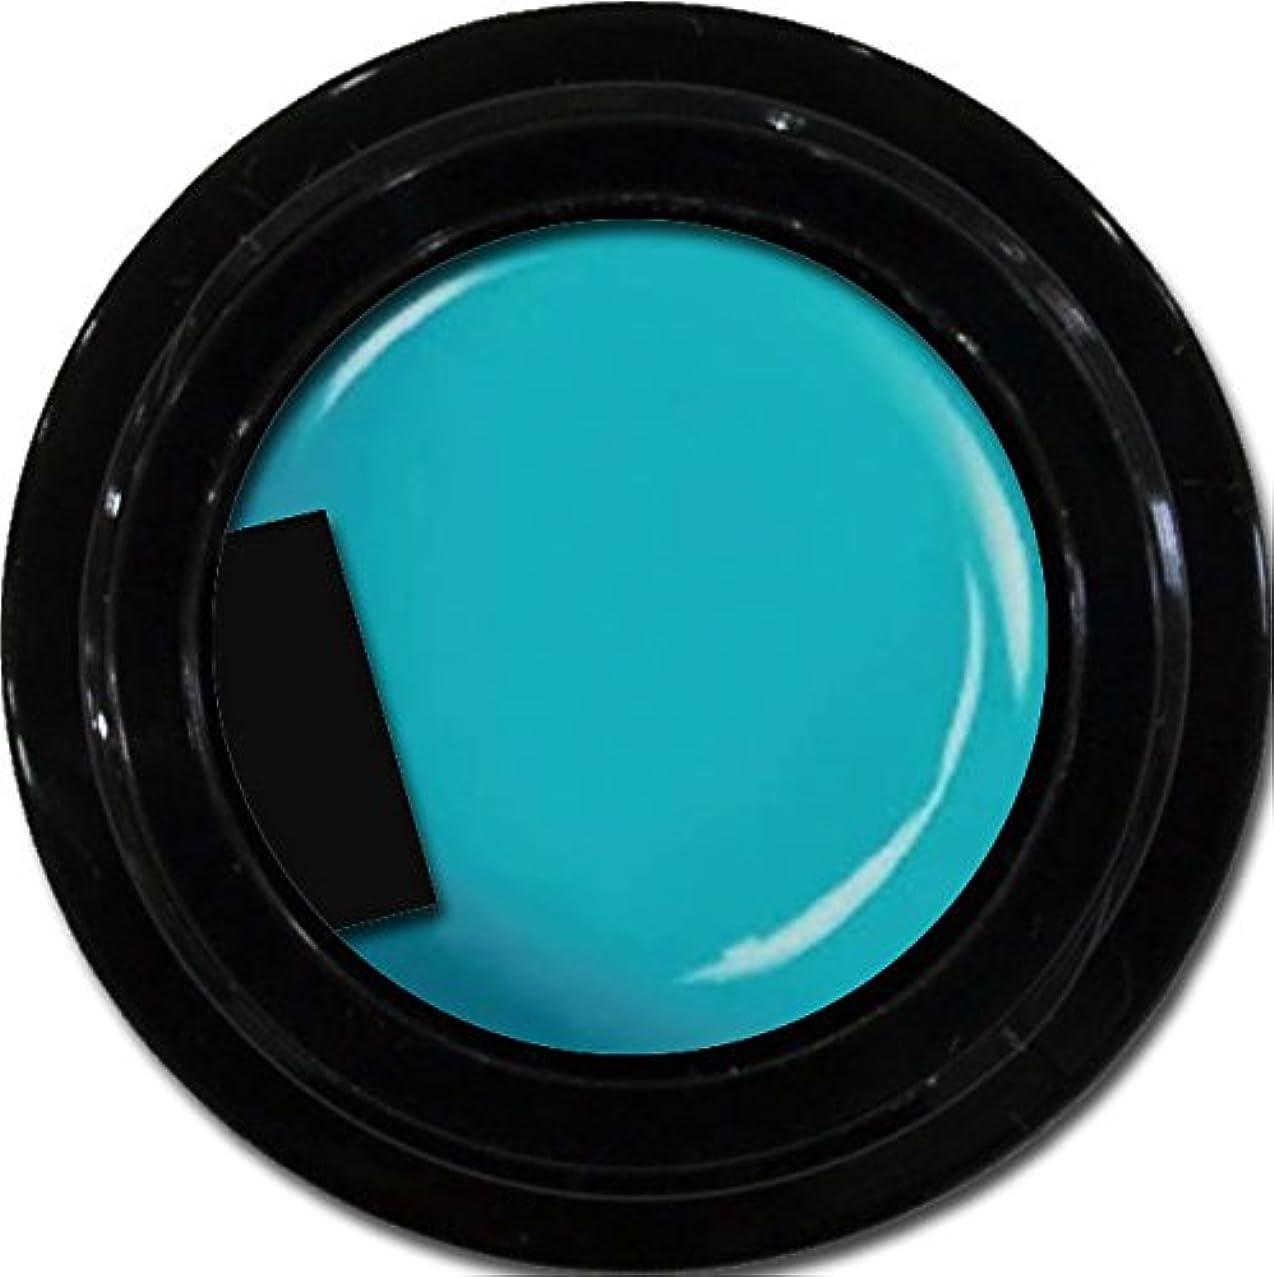 加速度離れた統治するカラージェル enchant color gel M707 CanalBlue3g/ マットカラージェル M707カナールブルー 3グラム